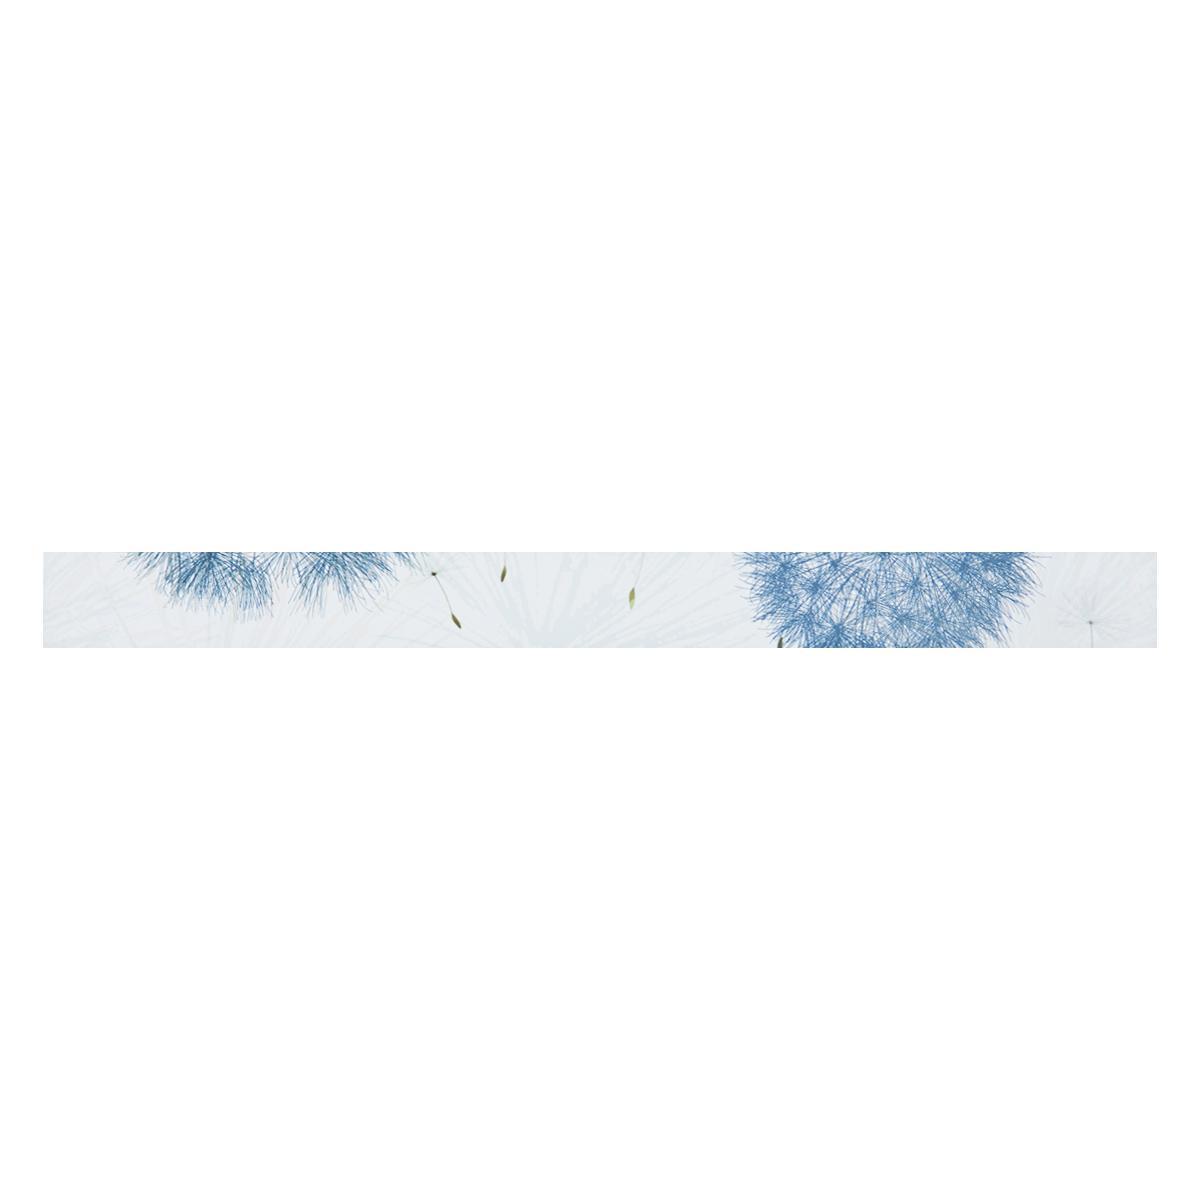 Listelo Steps Celeste/Blanco Mate - 7X75 - 1 Pza